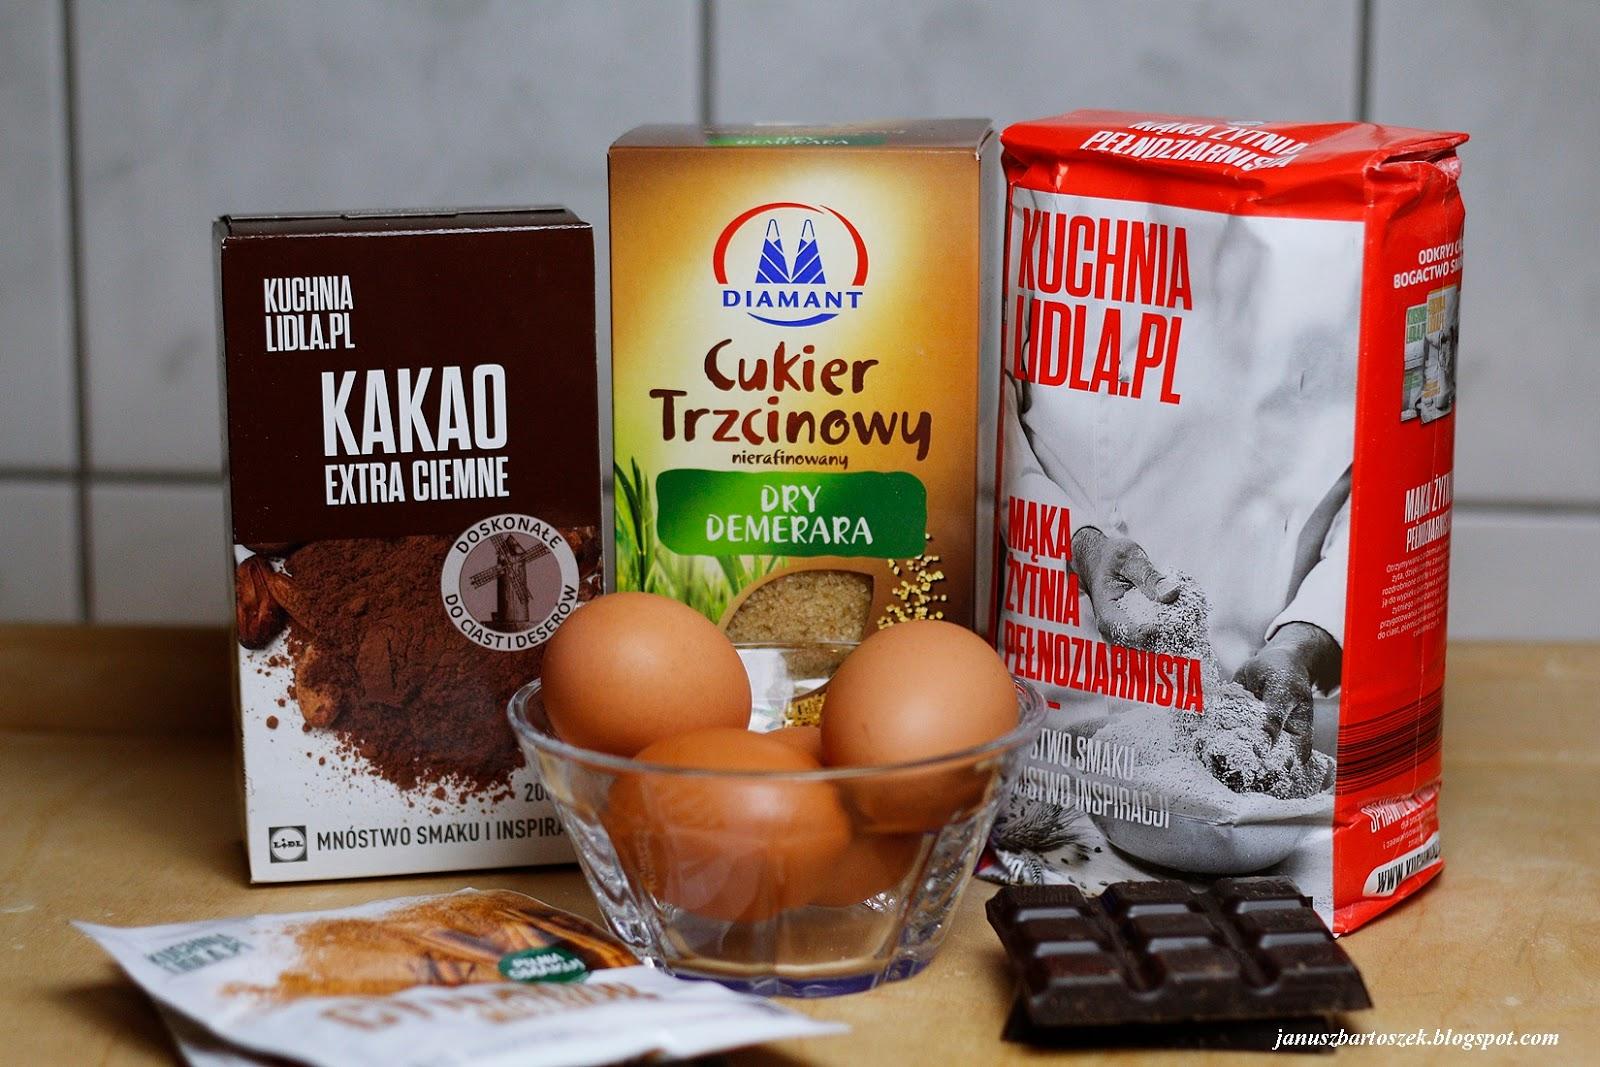 Kuchnia Lidla Pierniki